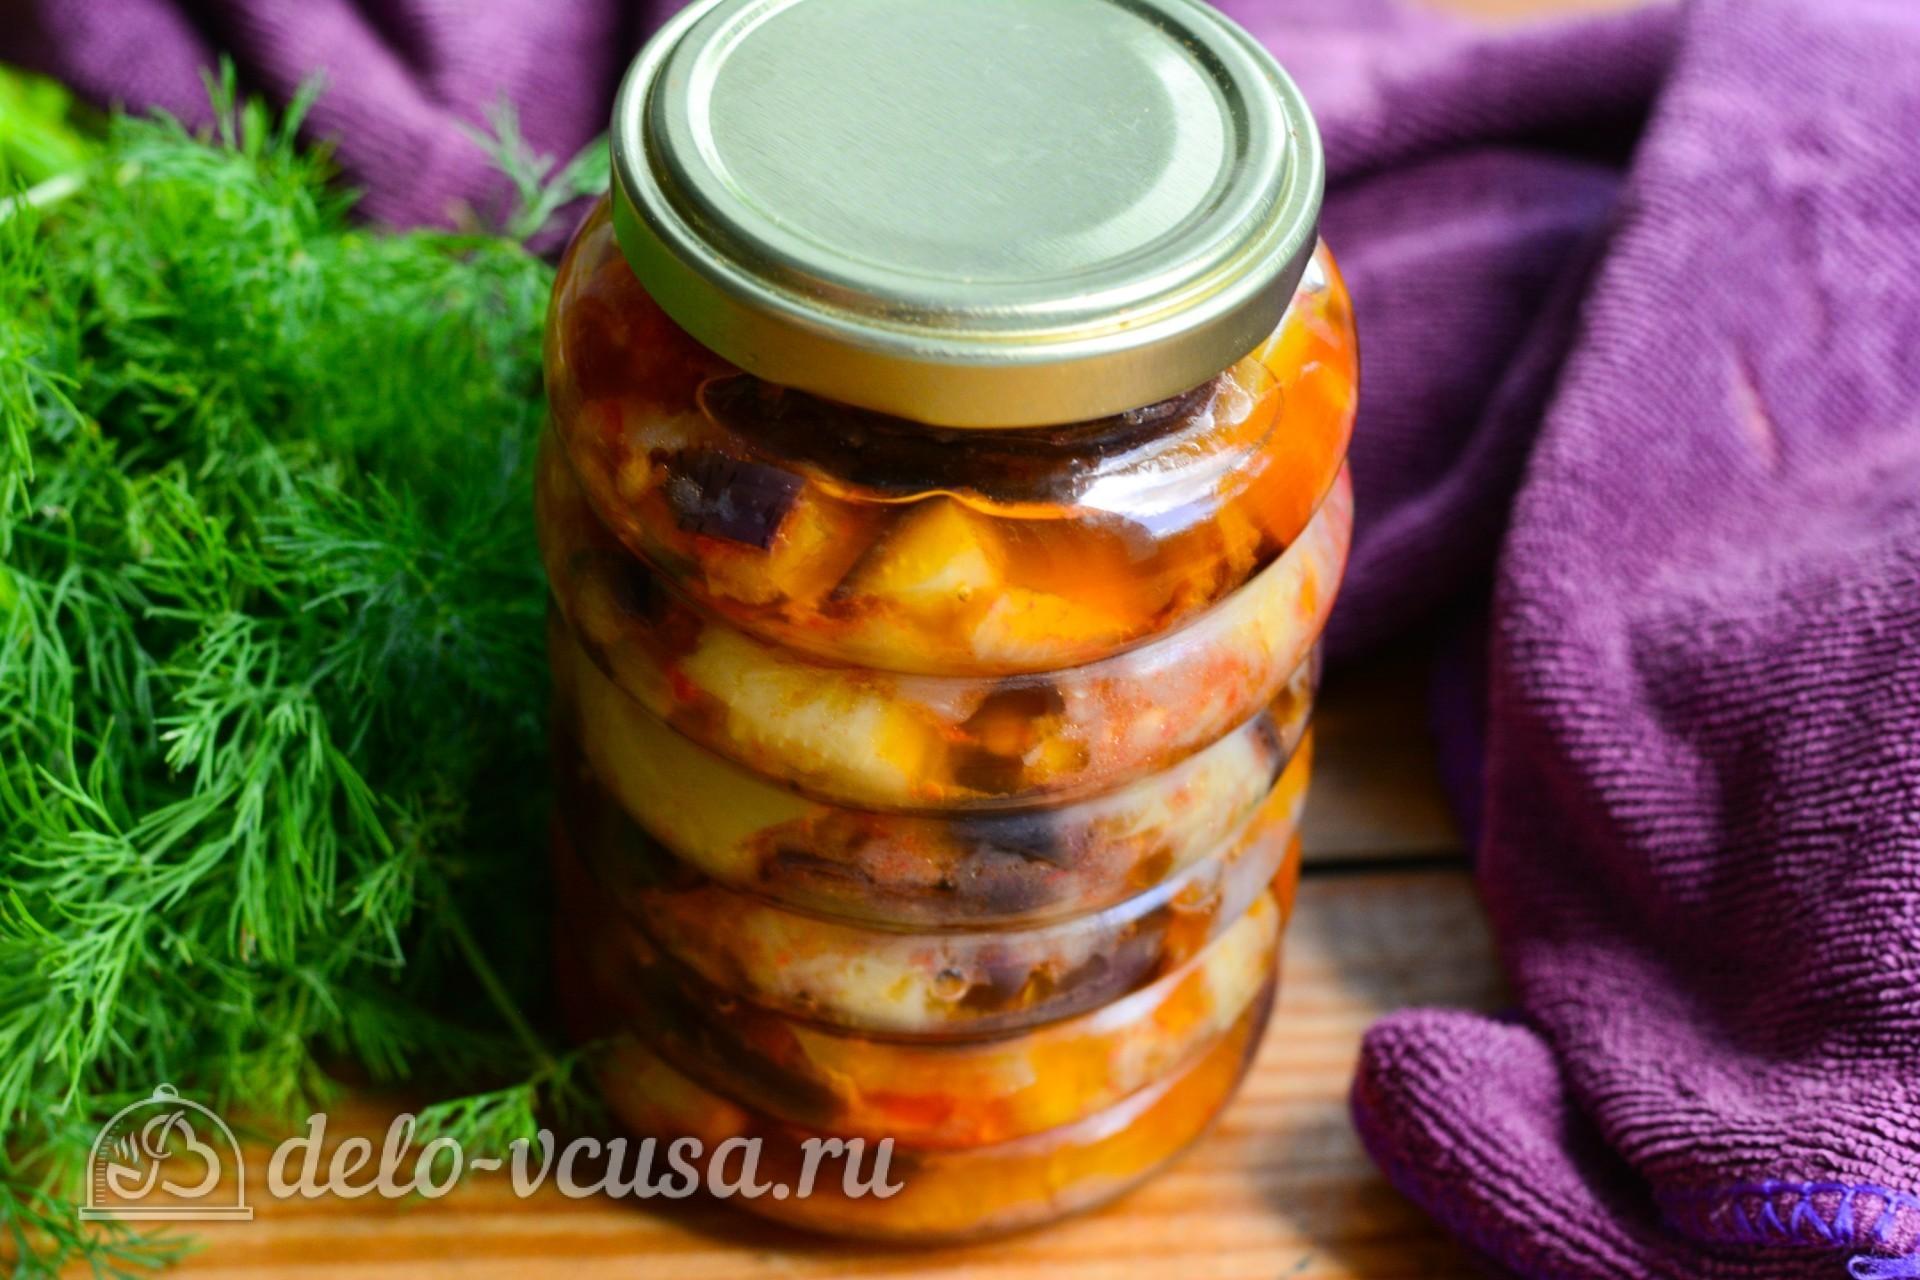 закуска десяточка из баклажанов на зиму